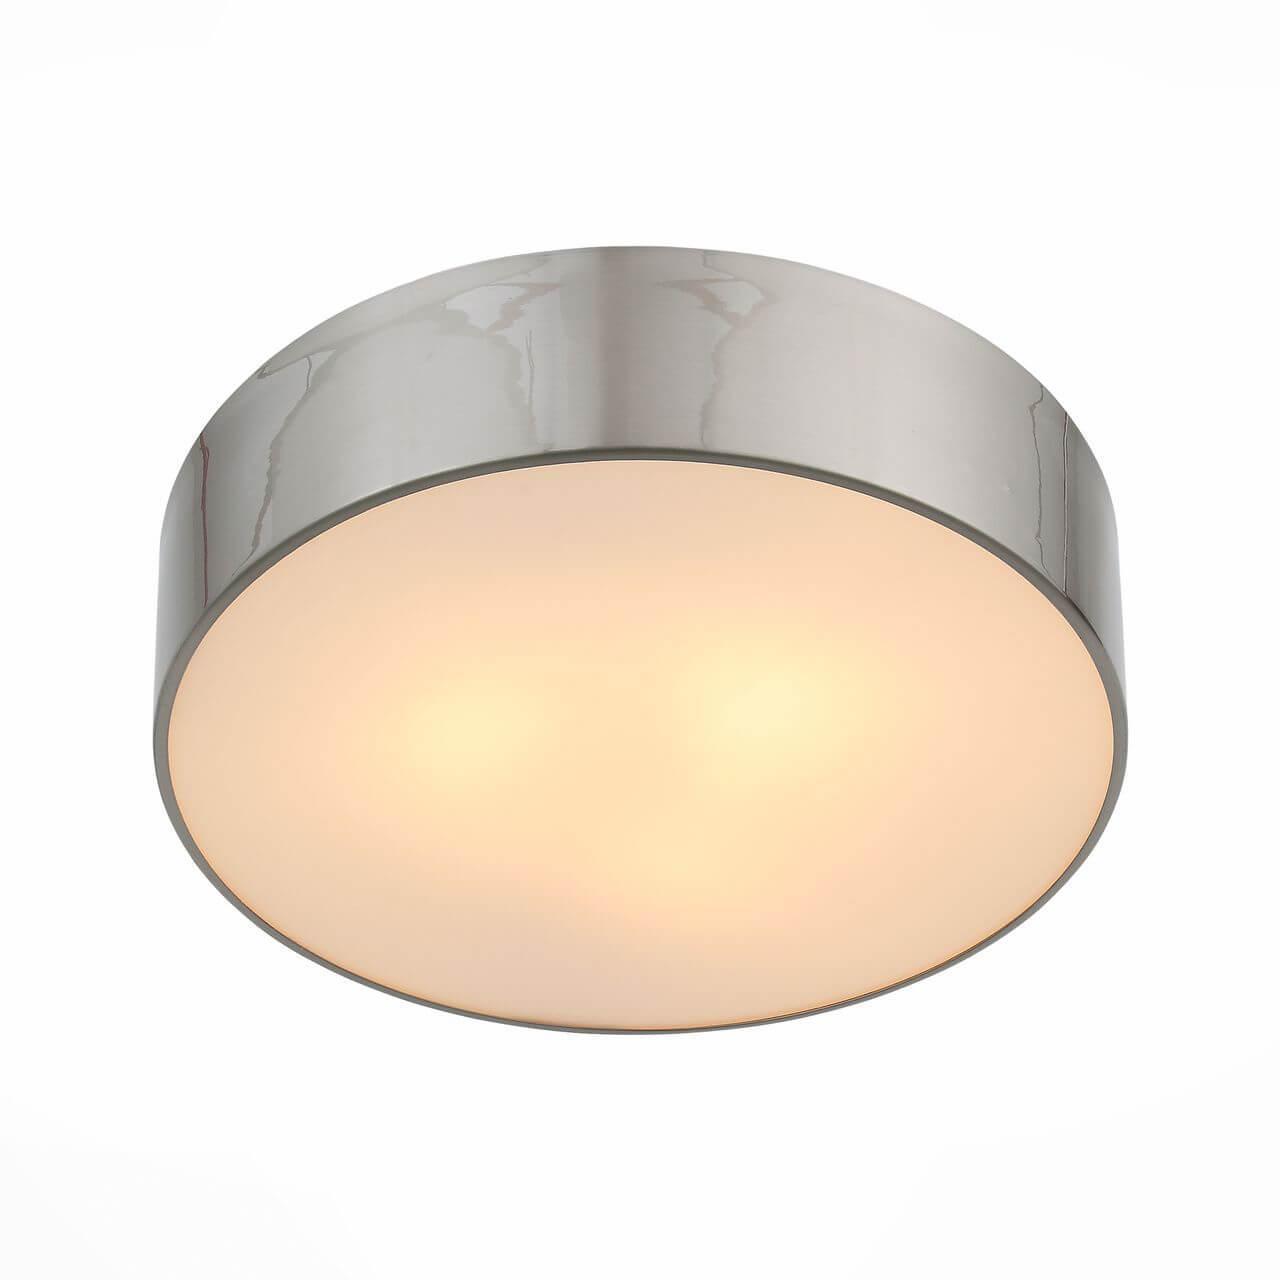 Накладной светильник ST Luce SL468.502.03, E27, 40 Вт светильник для ванной poland